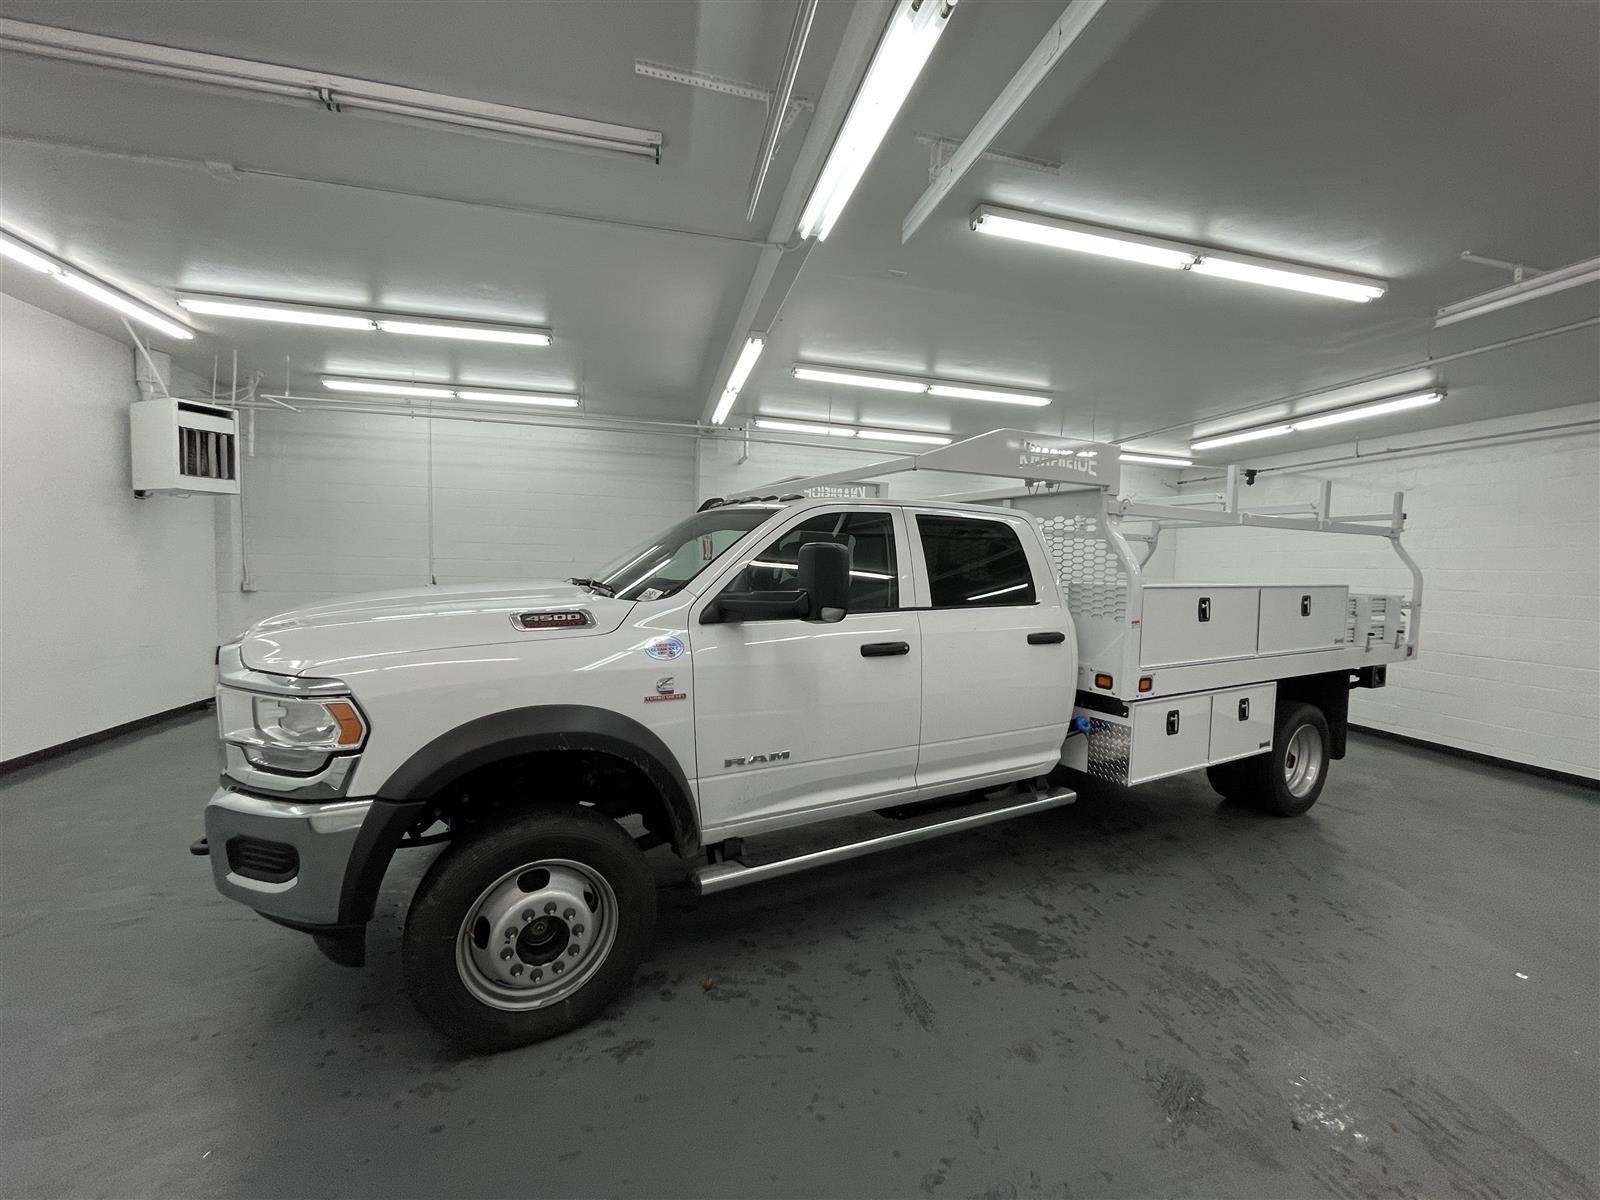 2020 Ram 4500 Crew Cab DRW 4x4, Knapheide Contractor Body #LG164574 - photo 1